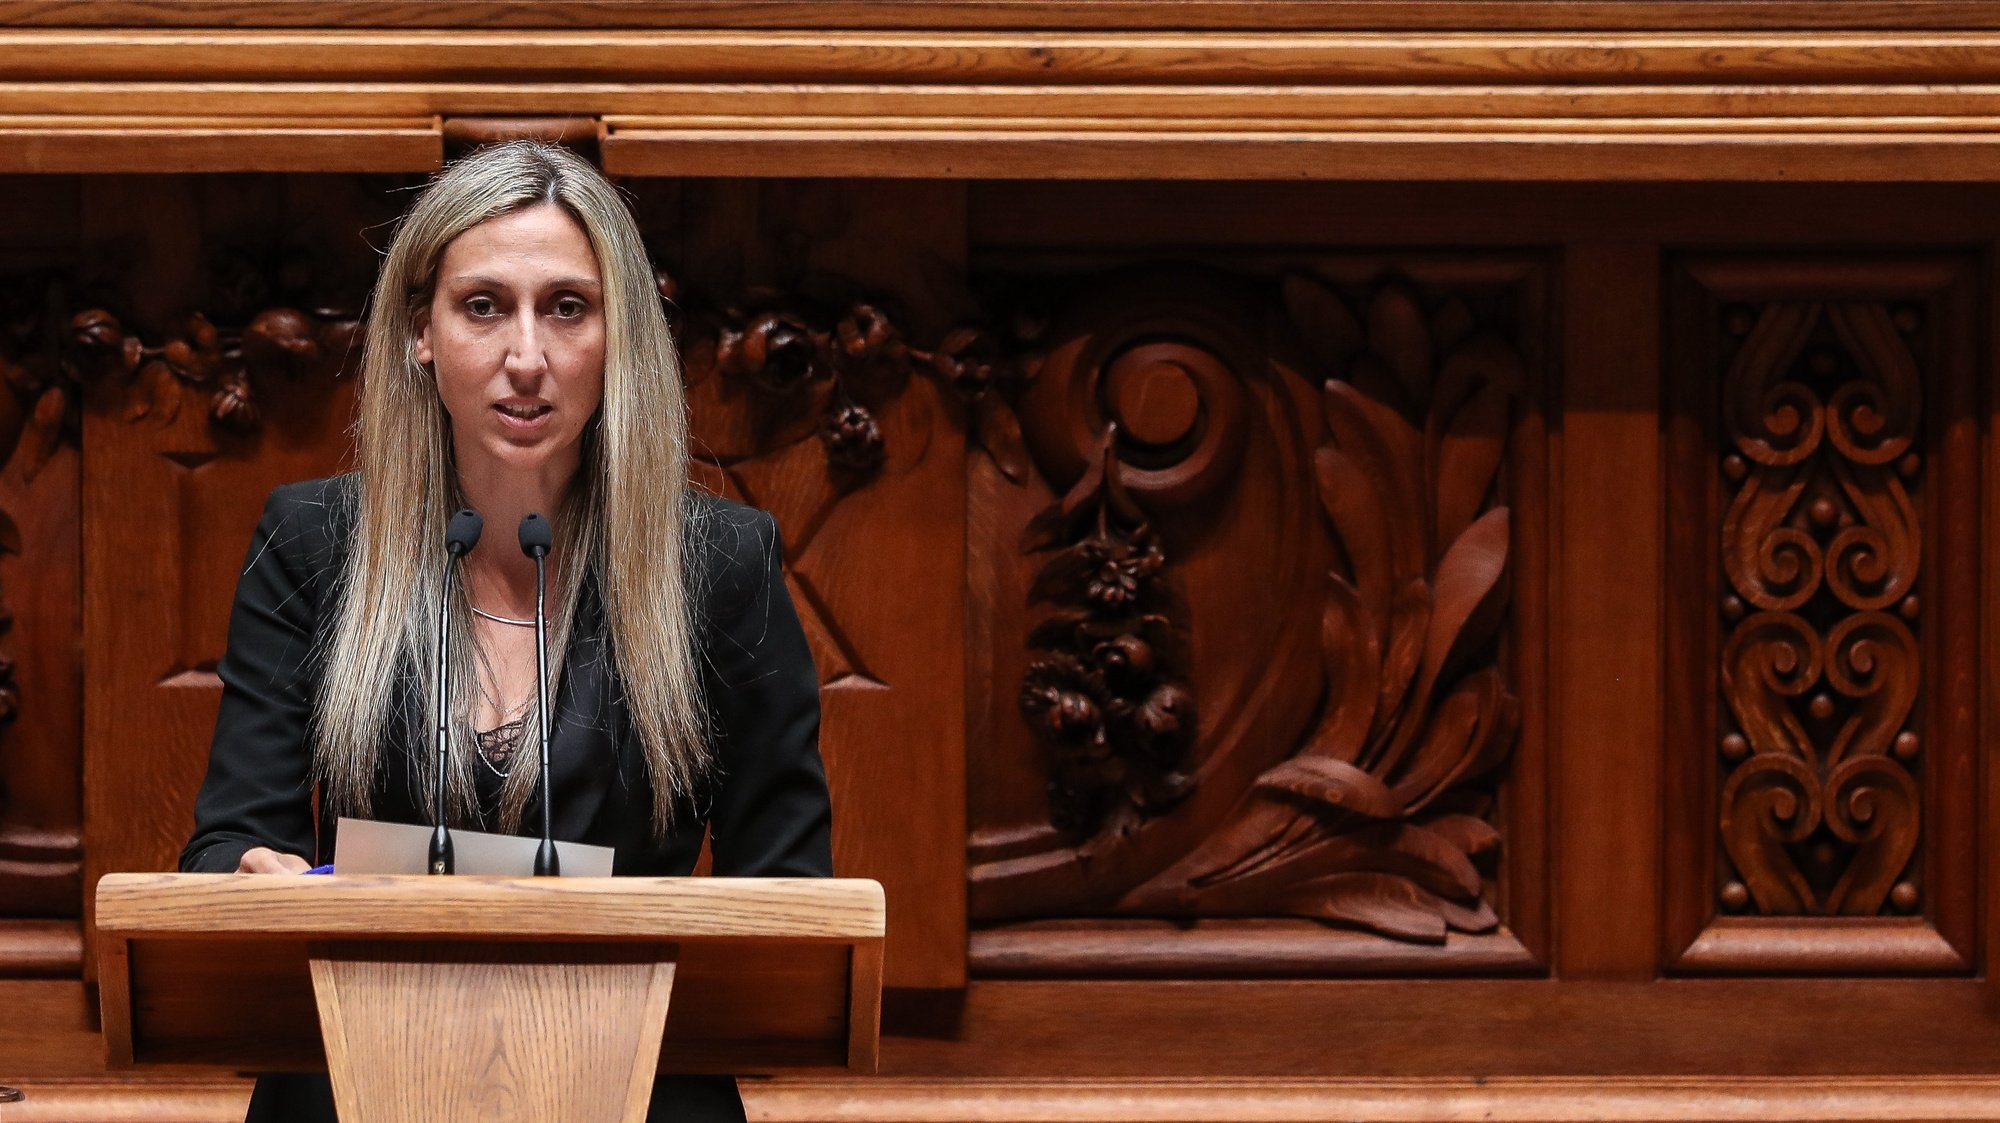 A deputada não inscrita, Cristina Rodrigues, intervém durante o debate parlamentar que tem como tema principal o teletrabalho, na Assembleia da República, em Lisboa, 5 de maio de 2021. MÁRIO CRUZ/LUSA